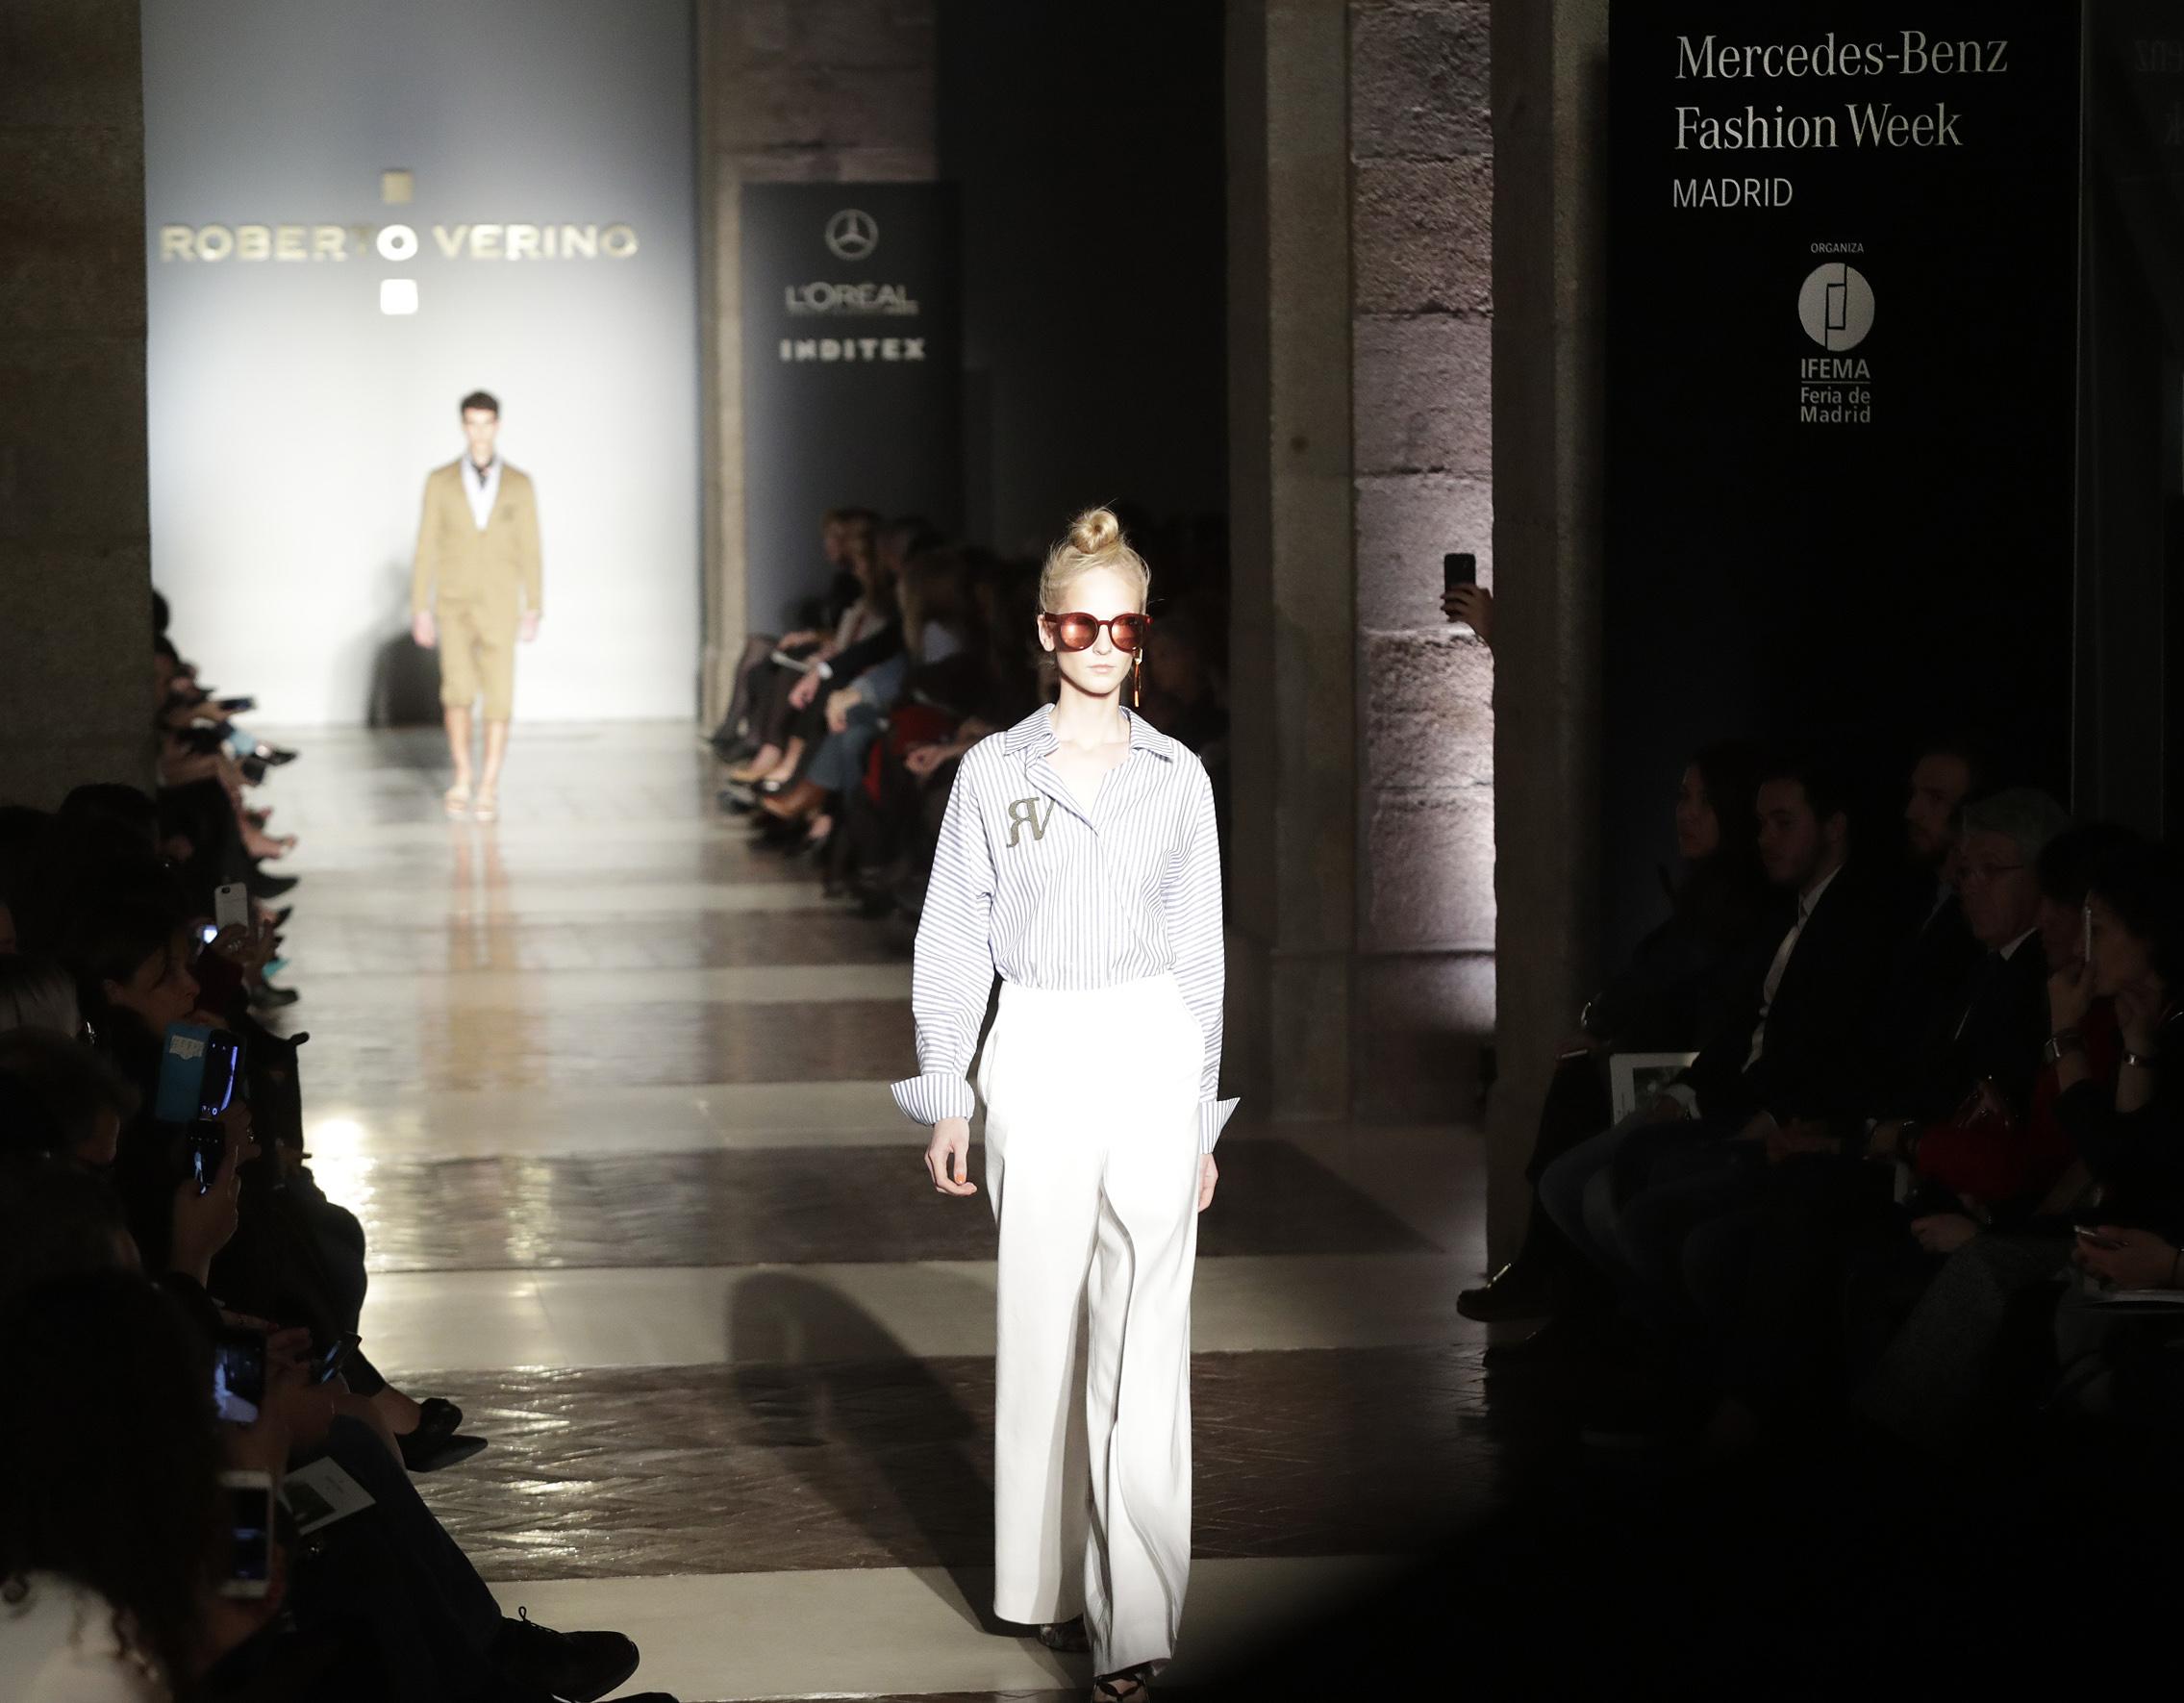 La mercedes benz fashion week 21